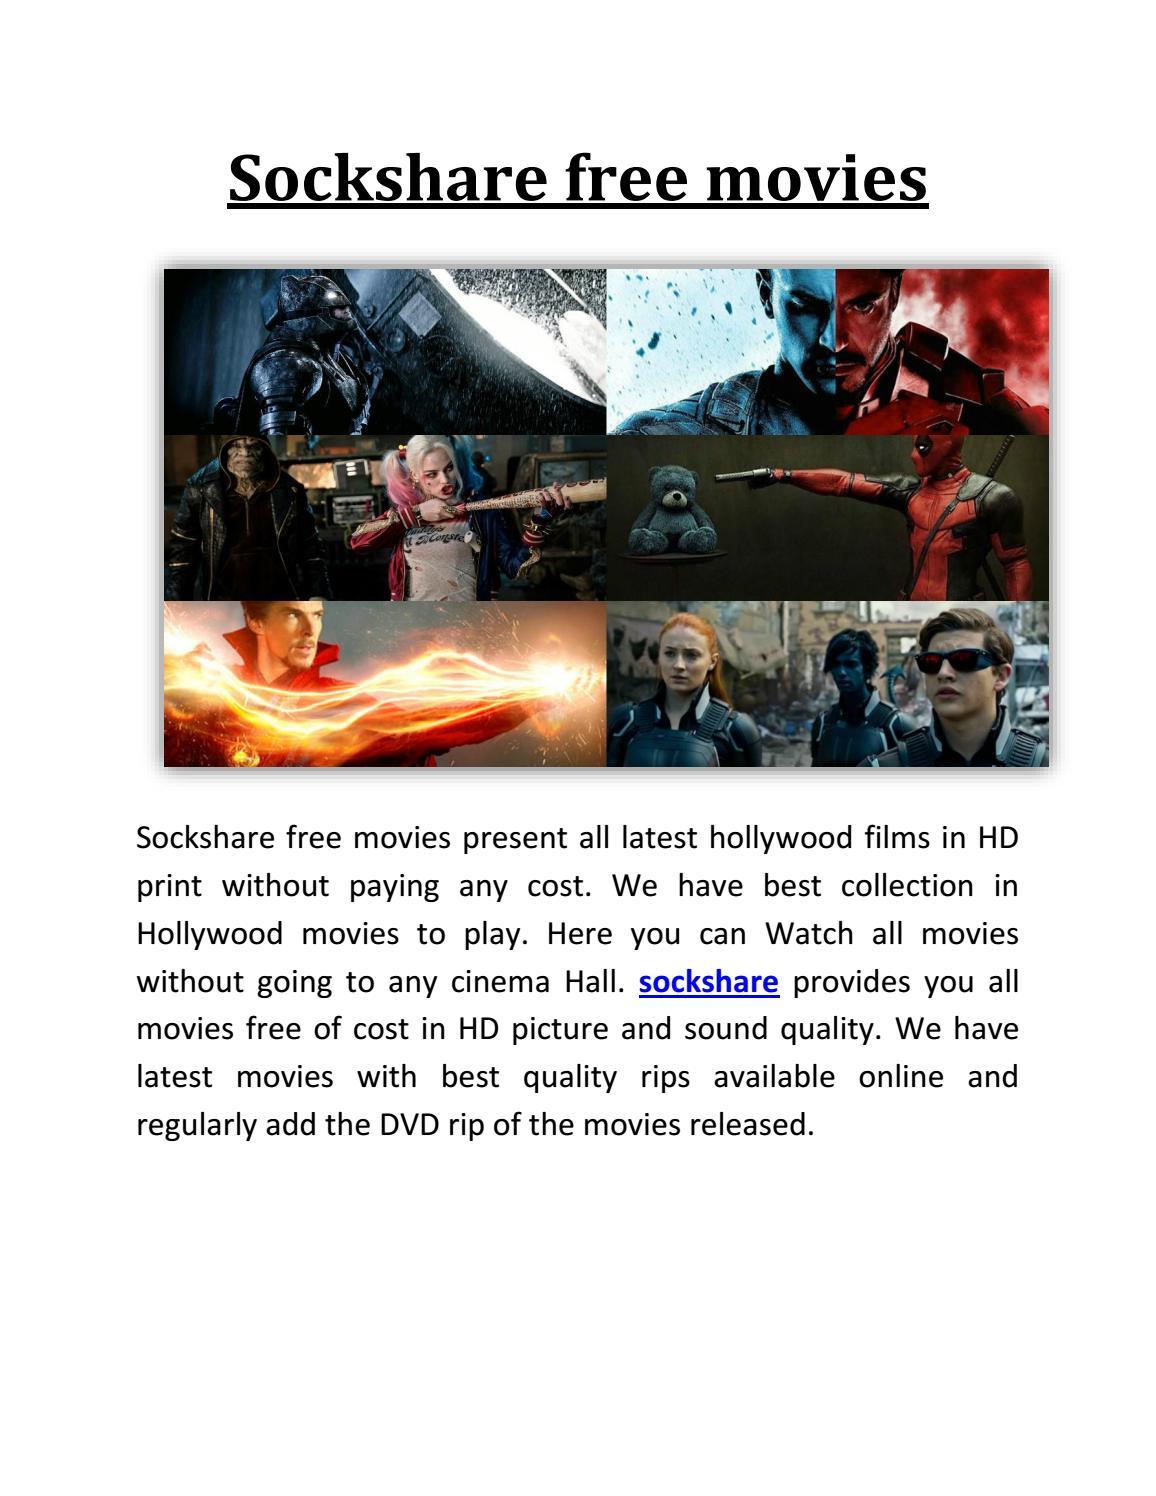 Sockshare Movies